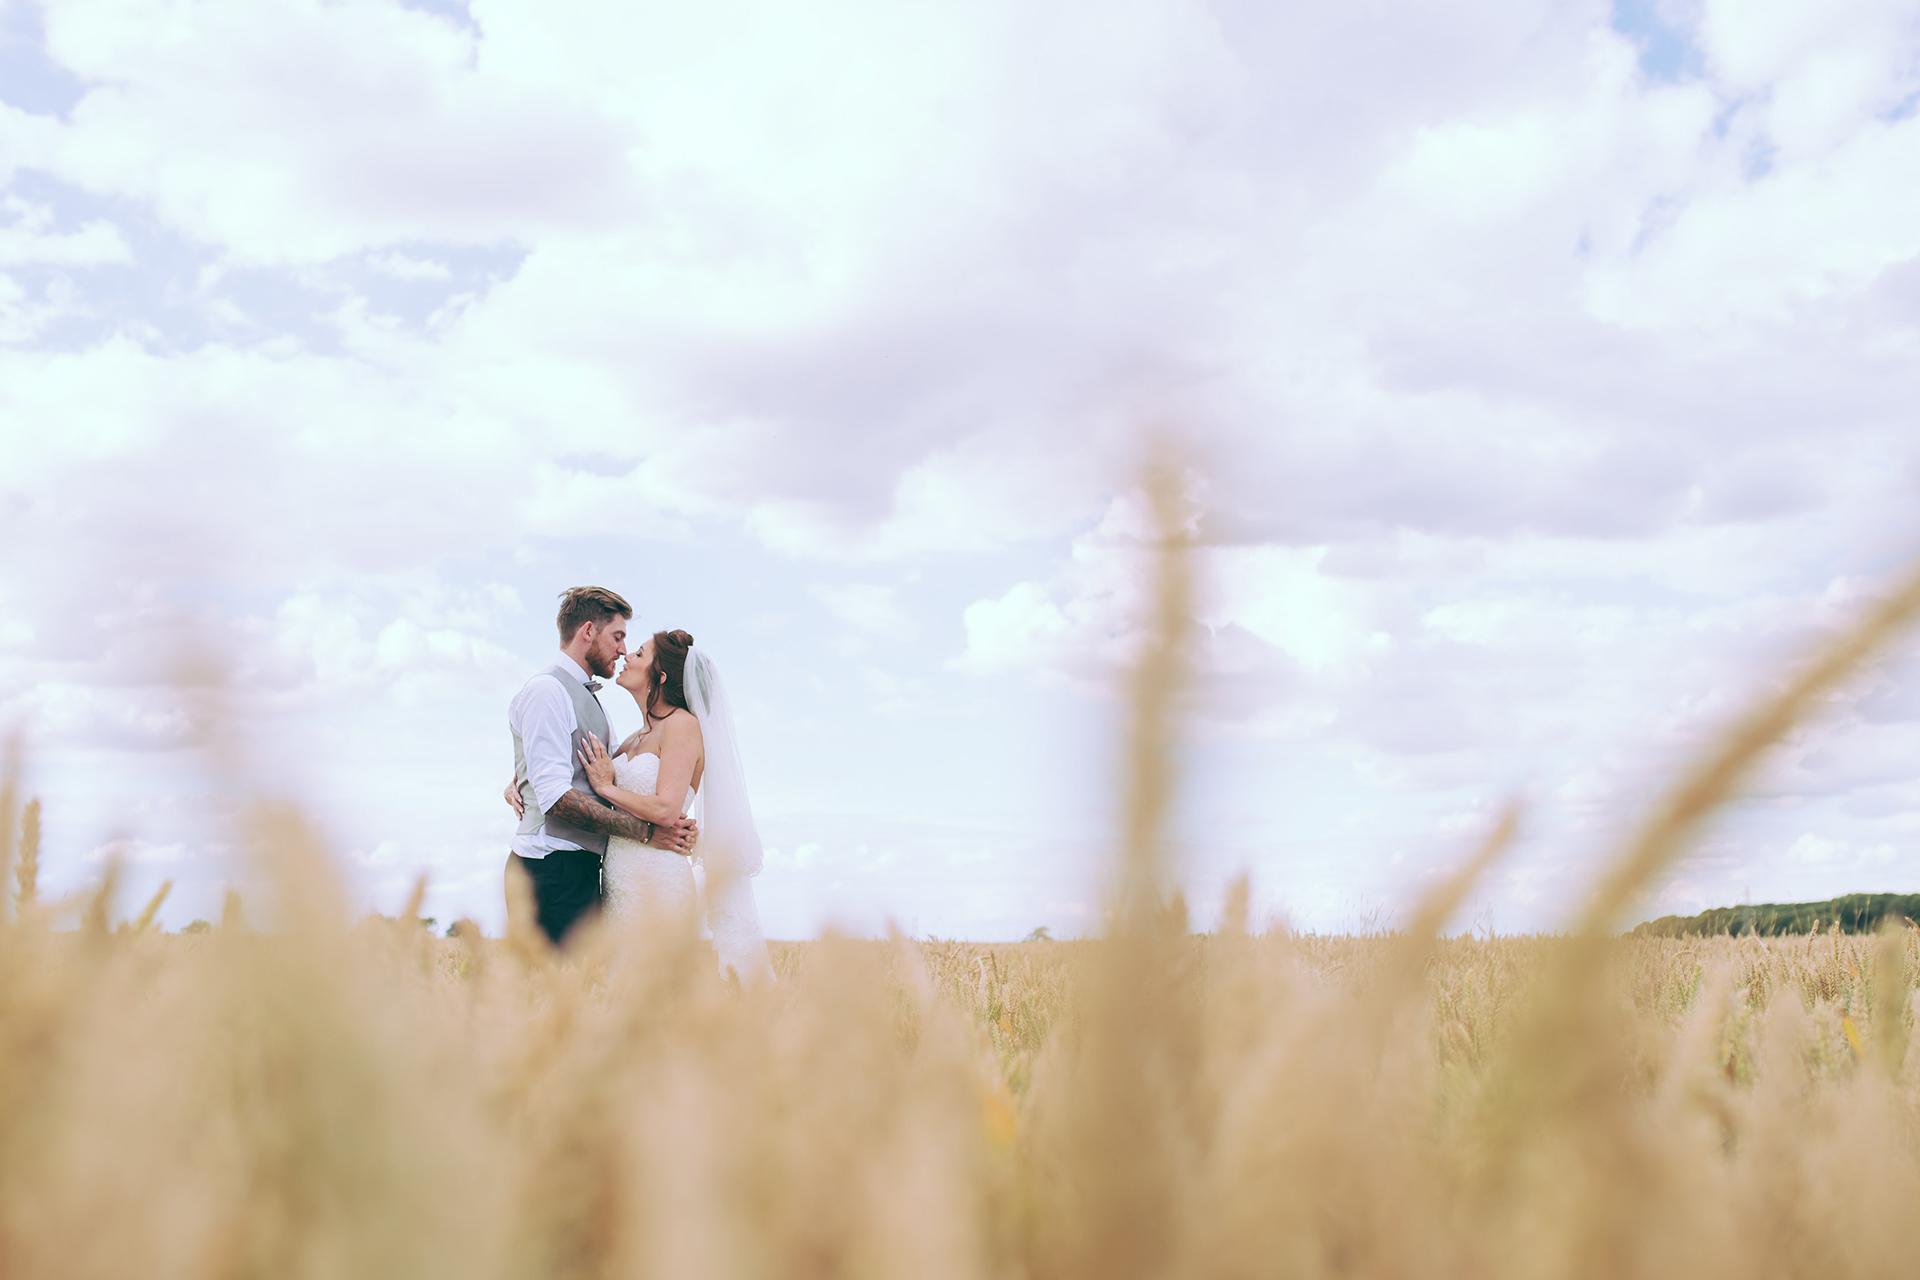 Emma and Steve' real life wedding at Bassmead Manor Barns